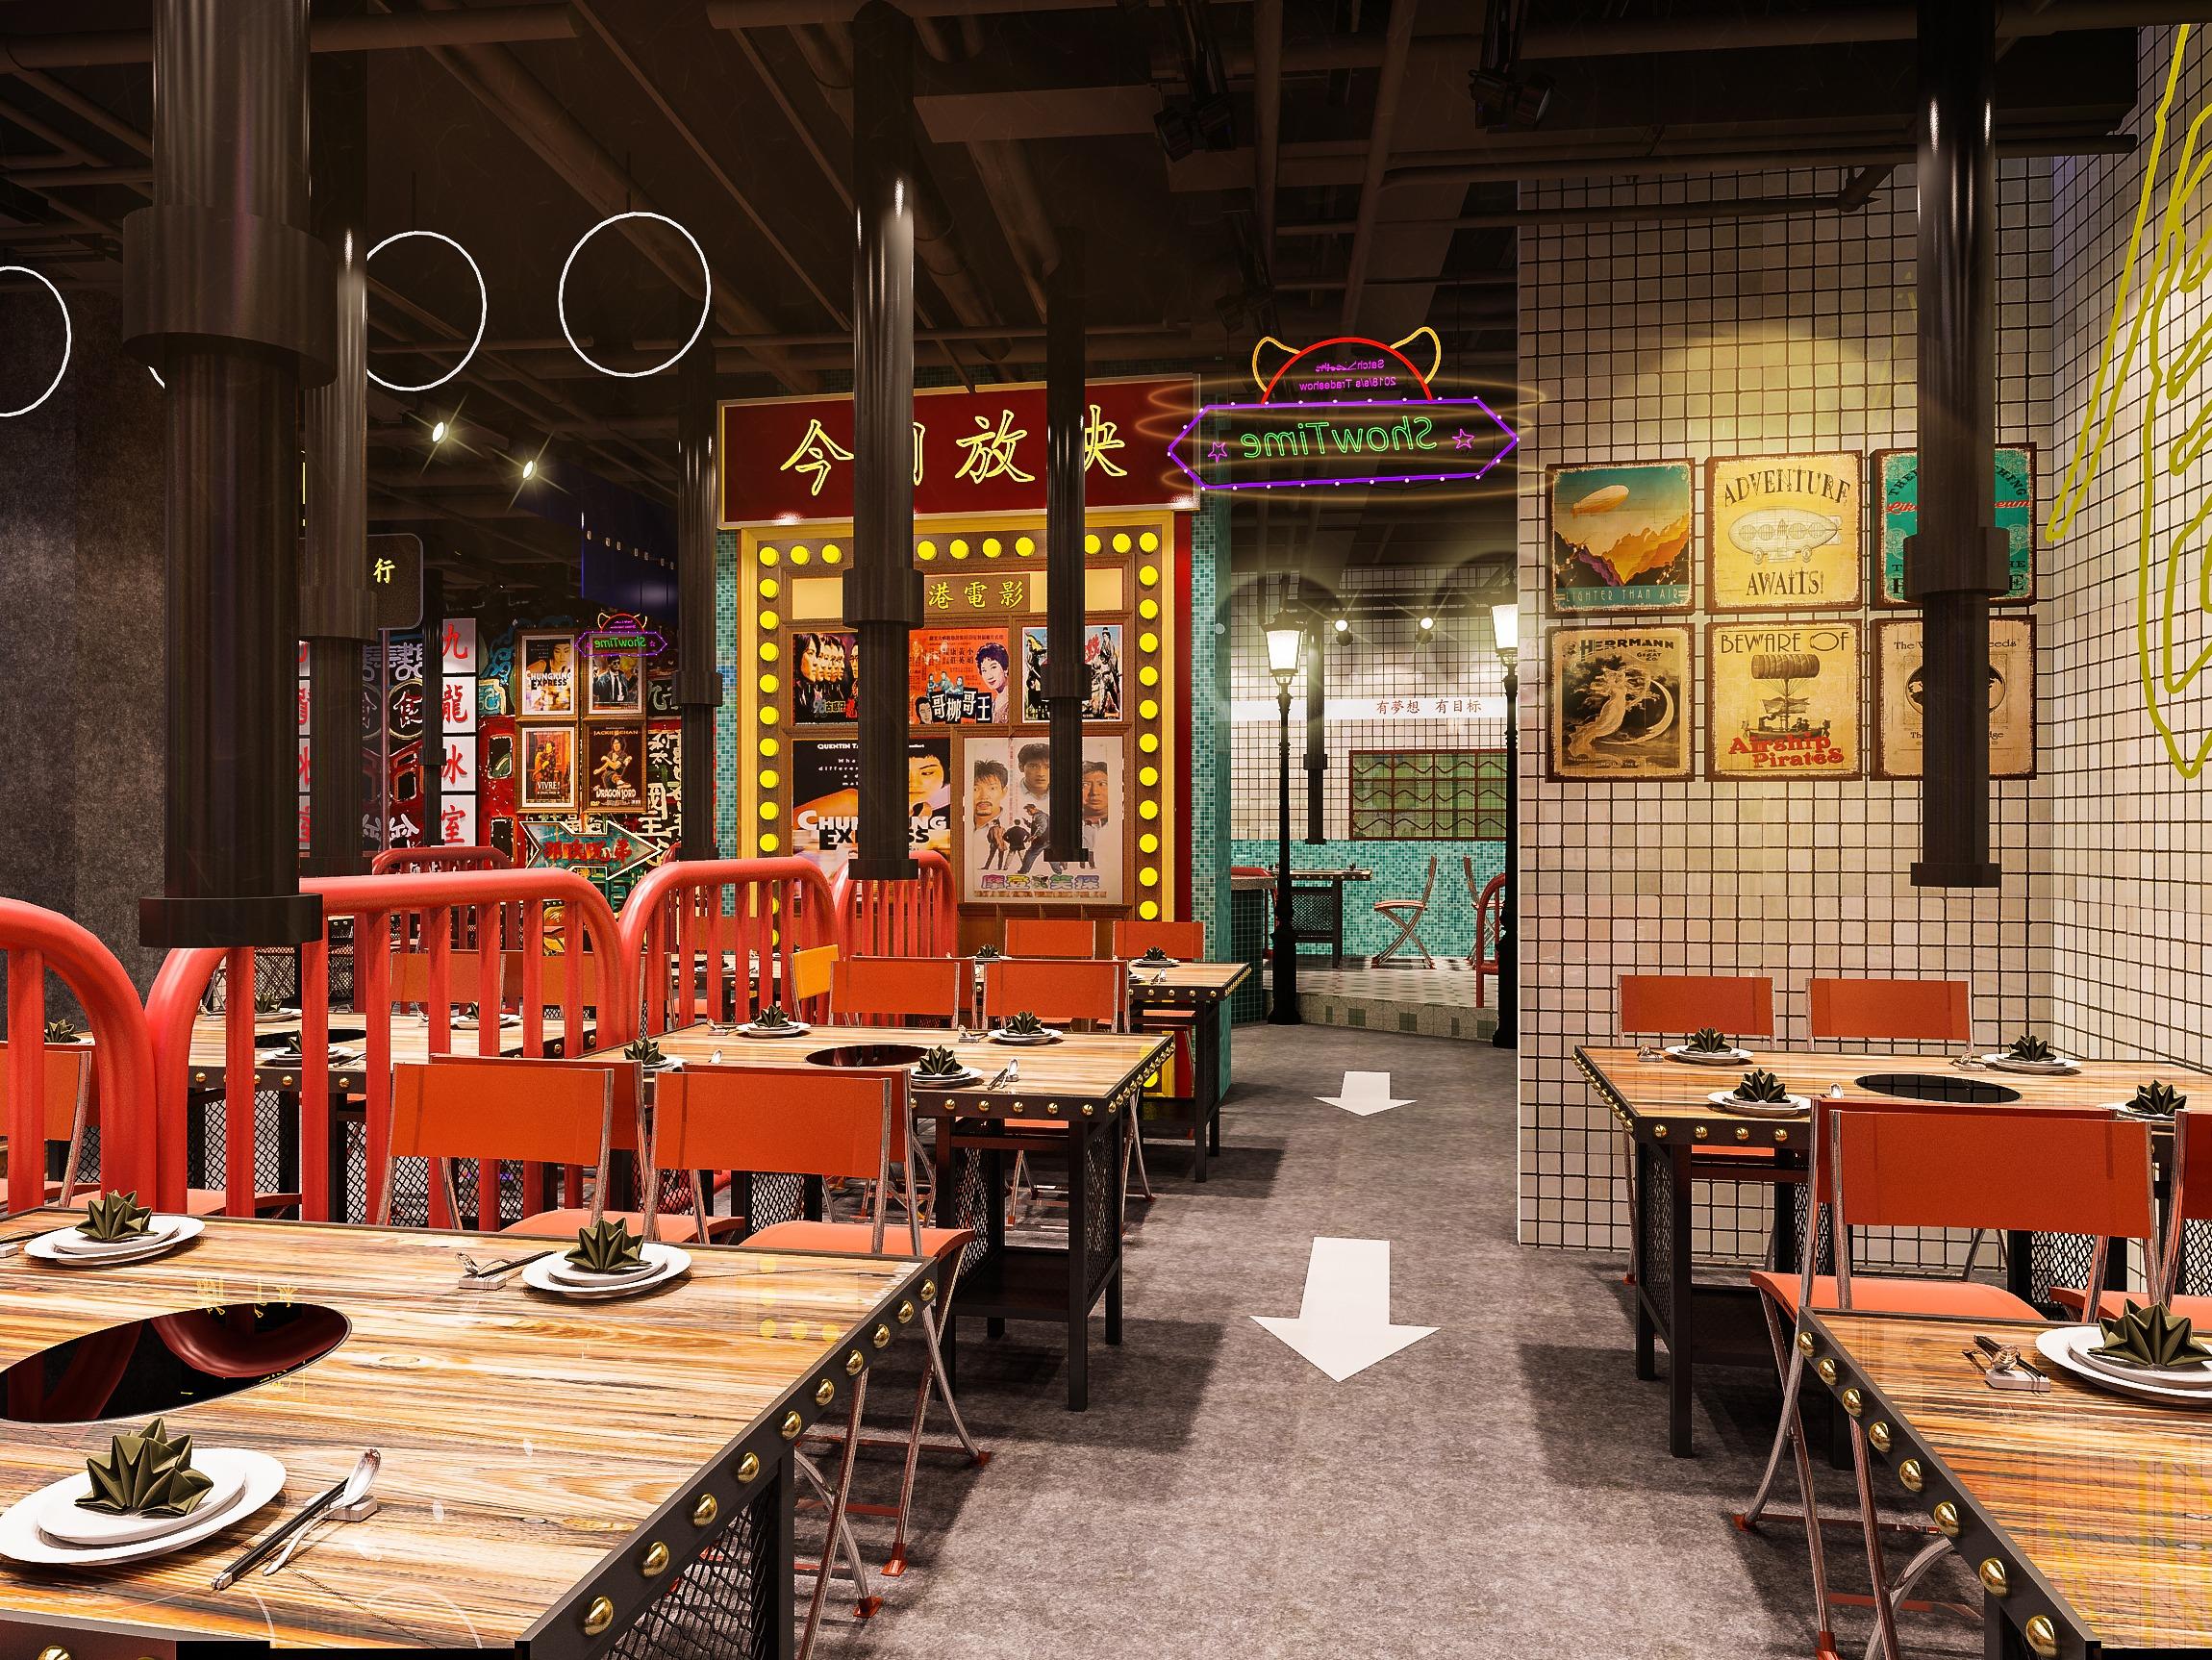 杭州專業餐廳裝修設計,杭州餐廳軟裝裝修設計,杭州餐廳別樣裝修預算報價,杭州餐廳餐館裝修設計效果圖,杭州獨特餐廳裝修裝飾展示